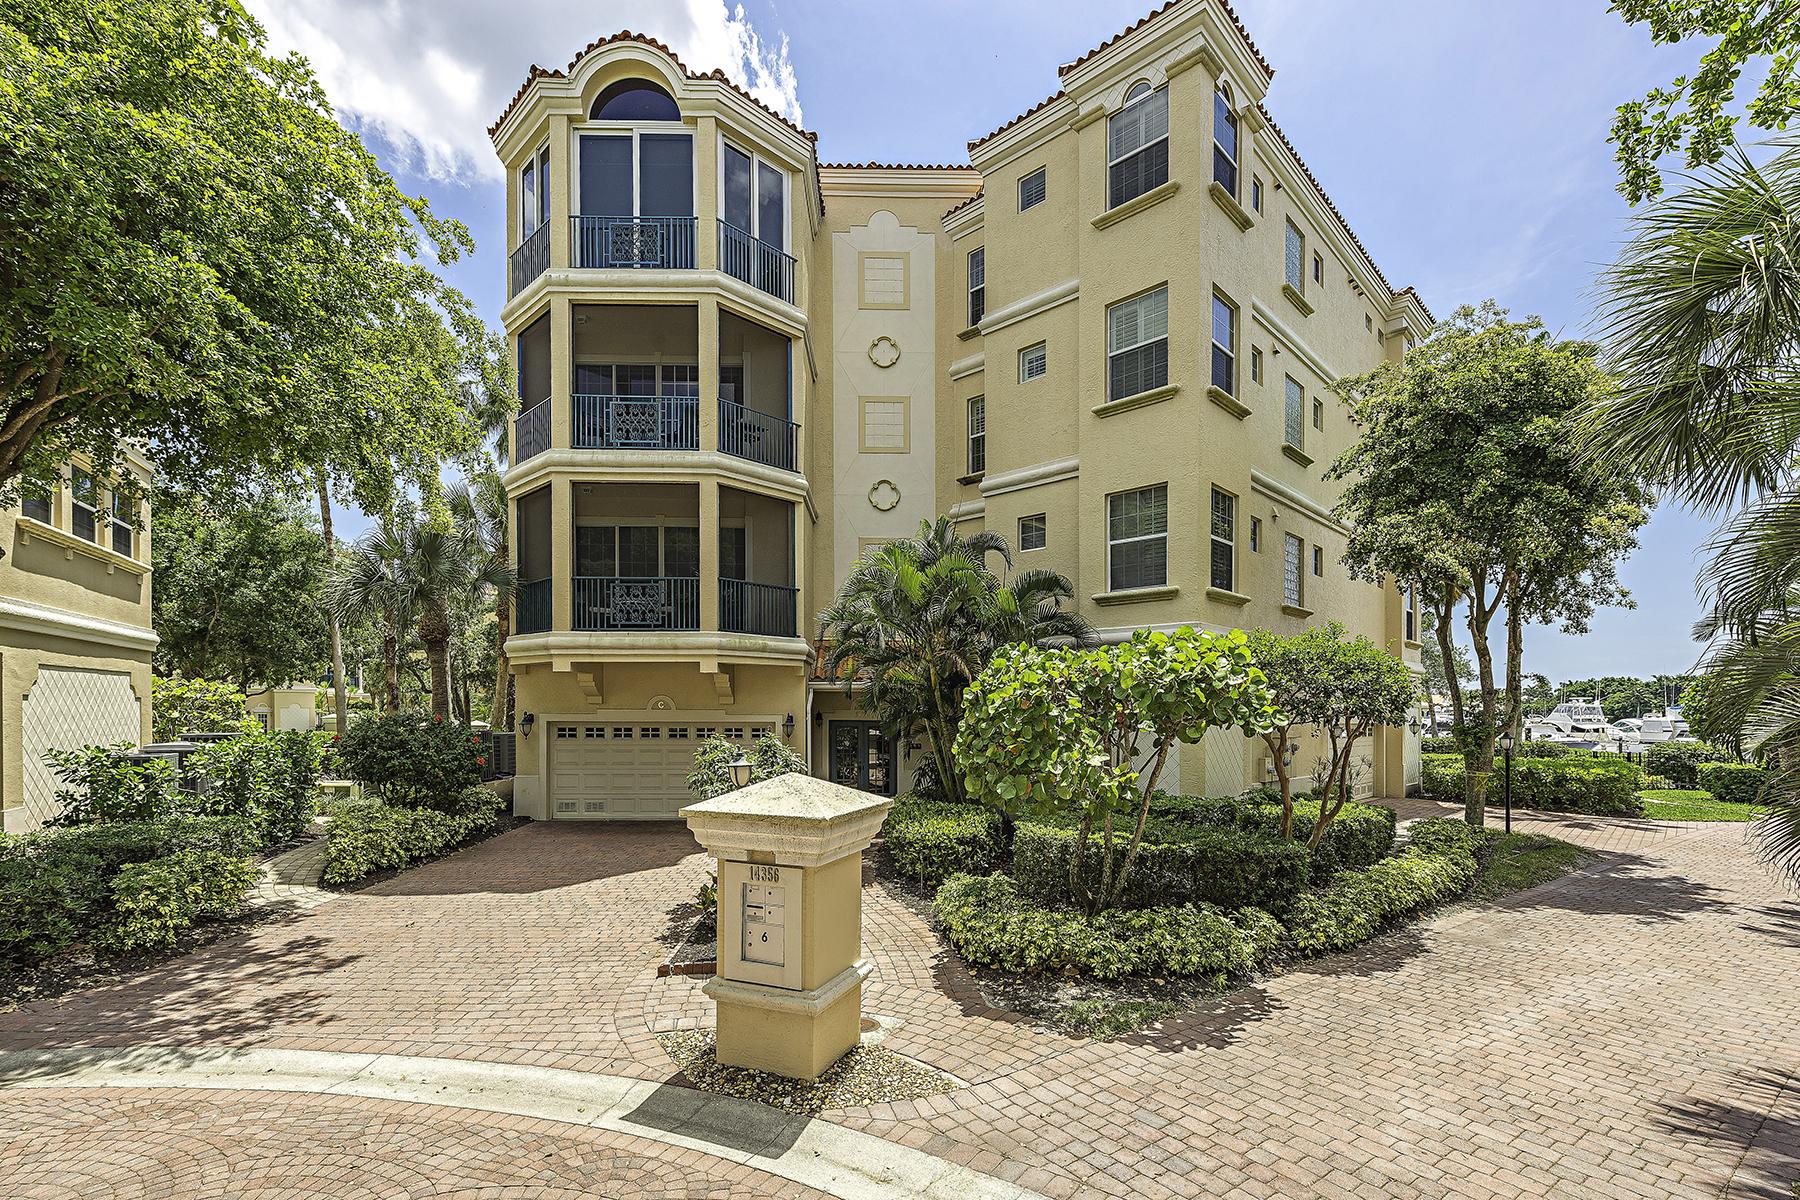 콘도미니엄 용 매매 에 HARBOUR LANDINGS 14356 Harbour Landings Dr 6B Fort Myers, 플로리다, 33908 미국